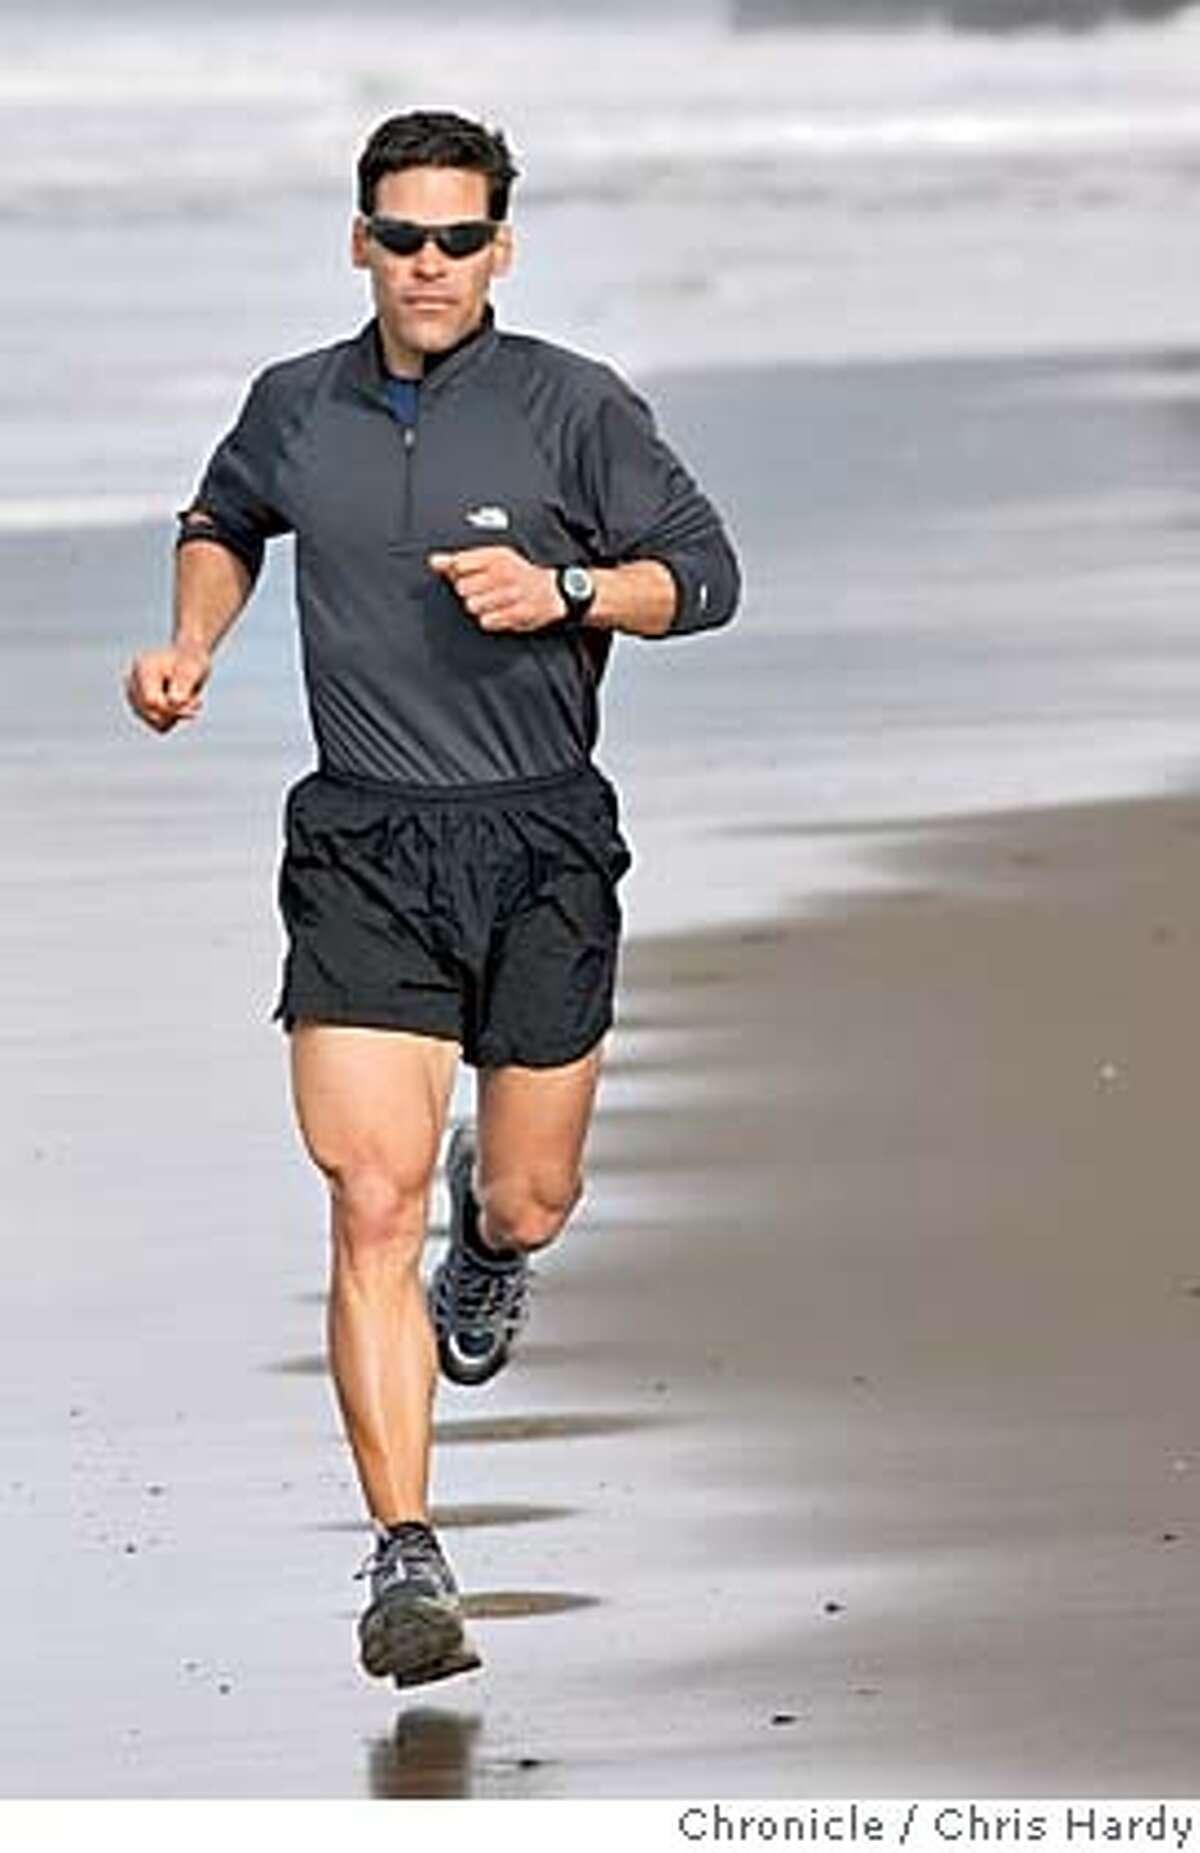 010305_deanrun_ch_079.jpg Dean Karnazes, one of the world's top